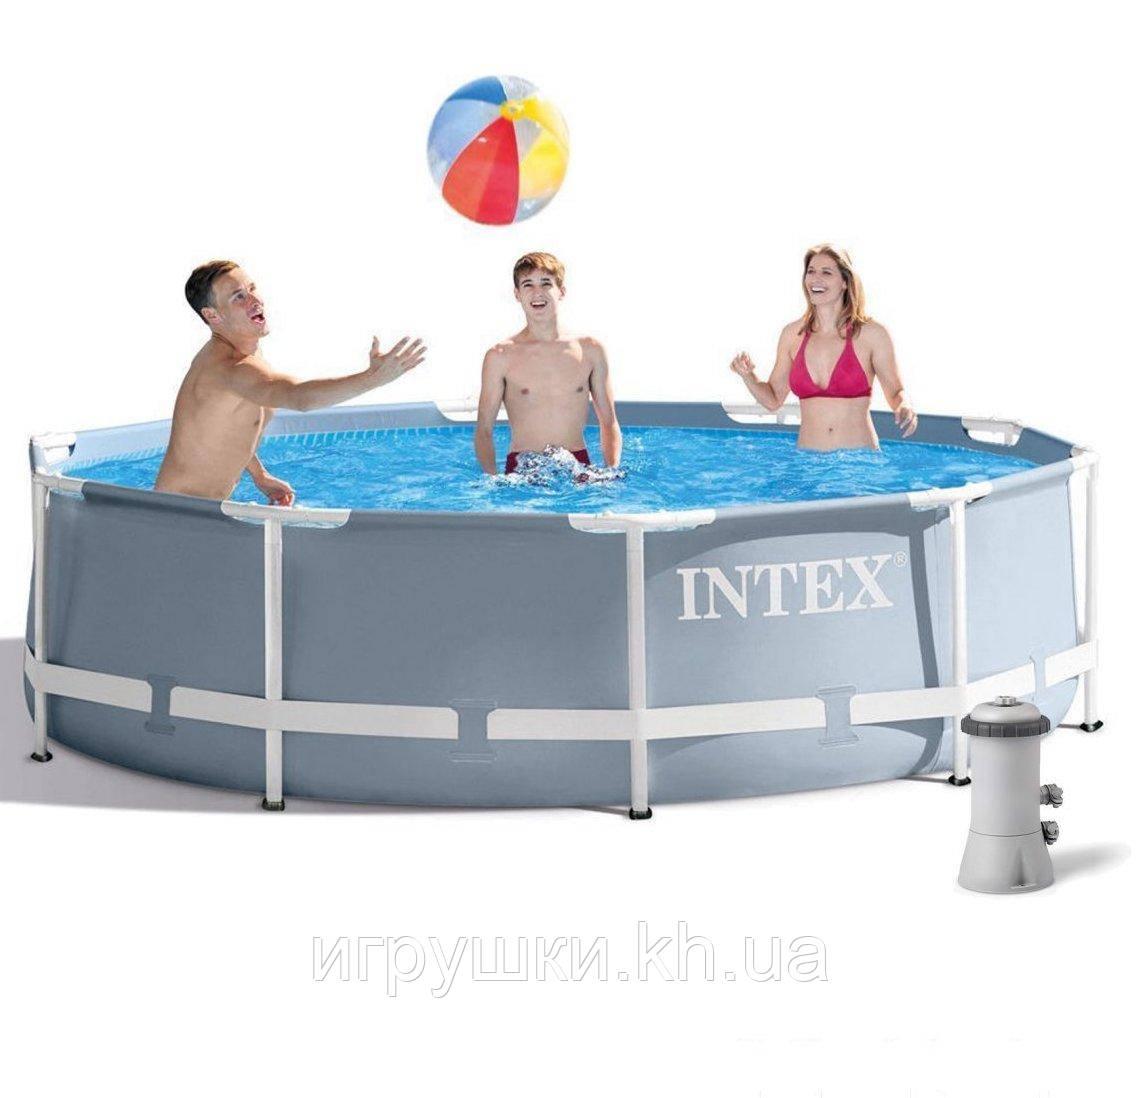 Каркасный бассейн Intex 26702, 305 x 76 см PRISM FRAME POOL, фильтр насос